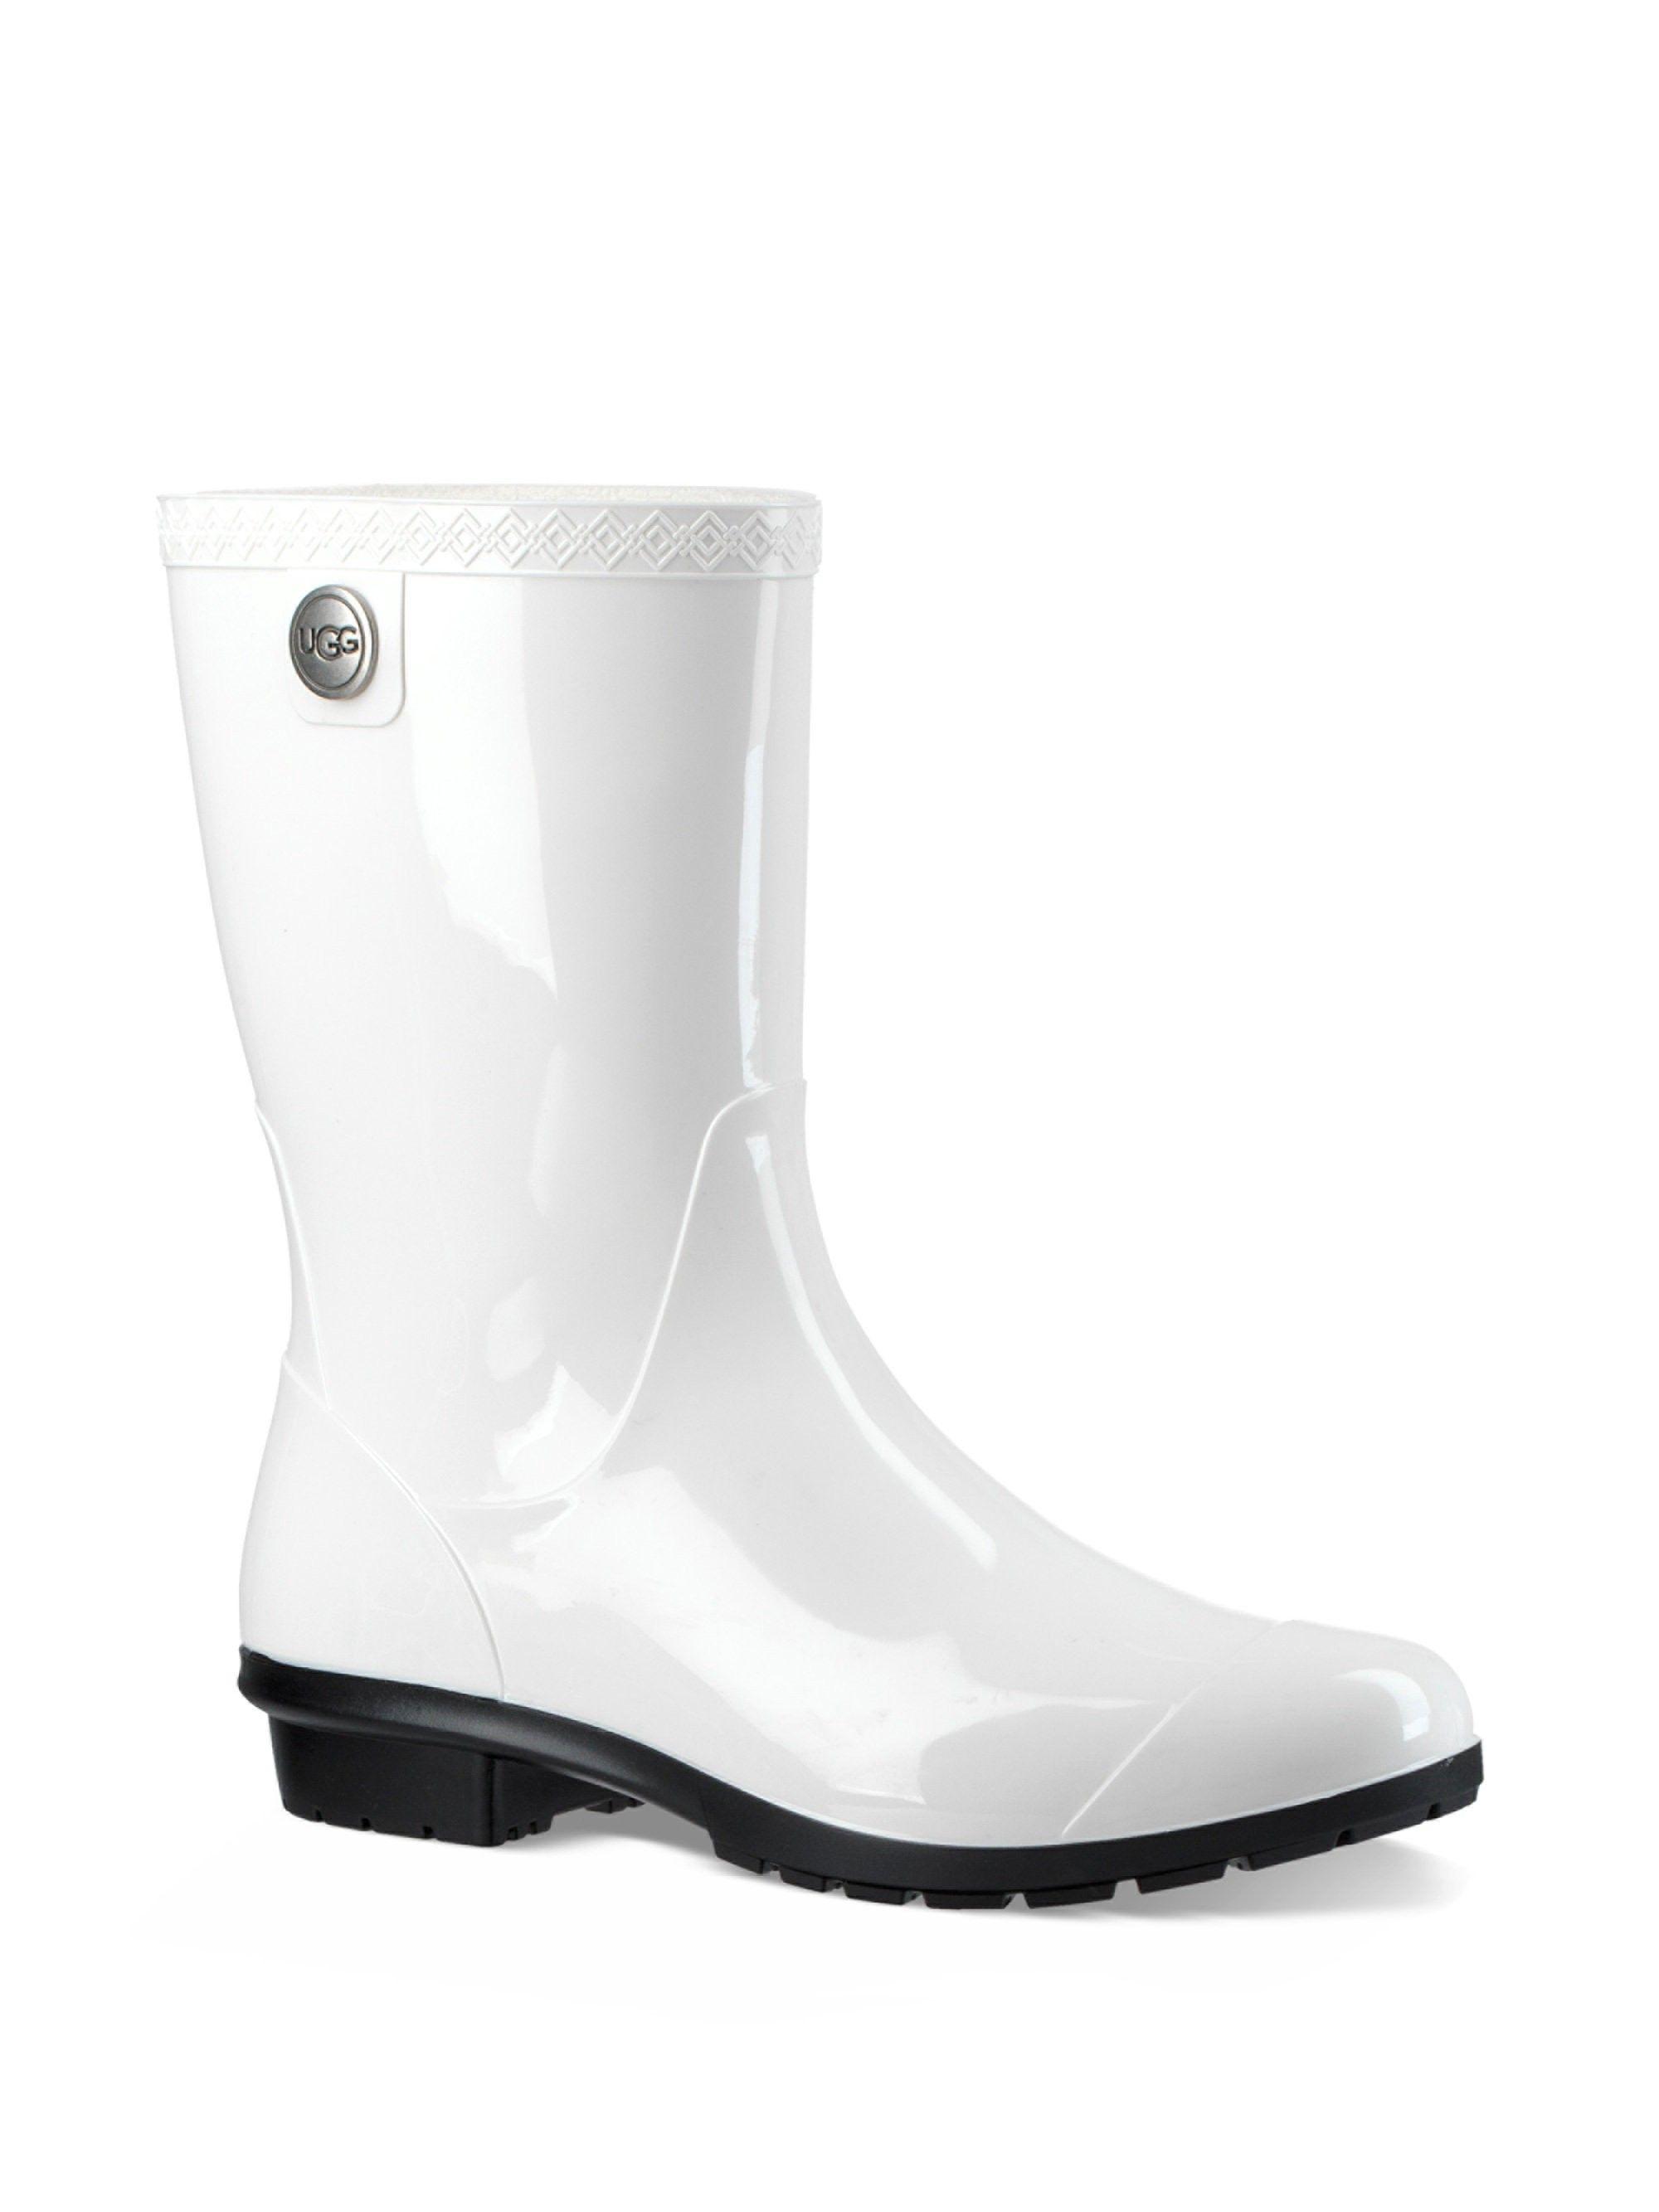 4f7353695a Ugg Australia Sienna Rain Boots - White 41 (11)